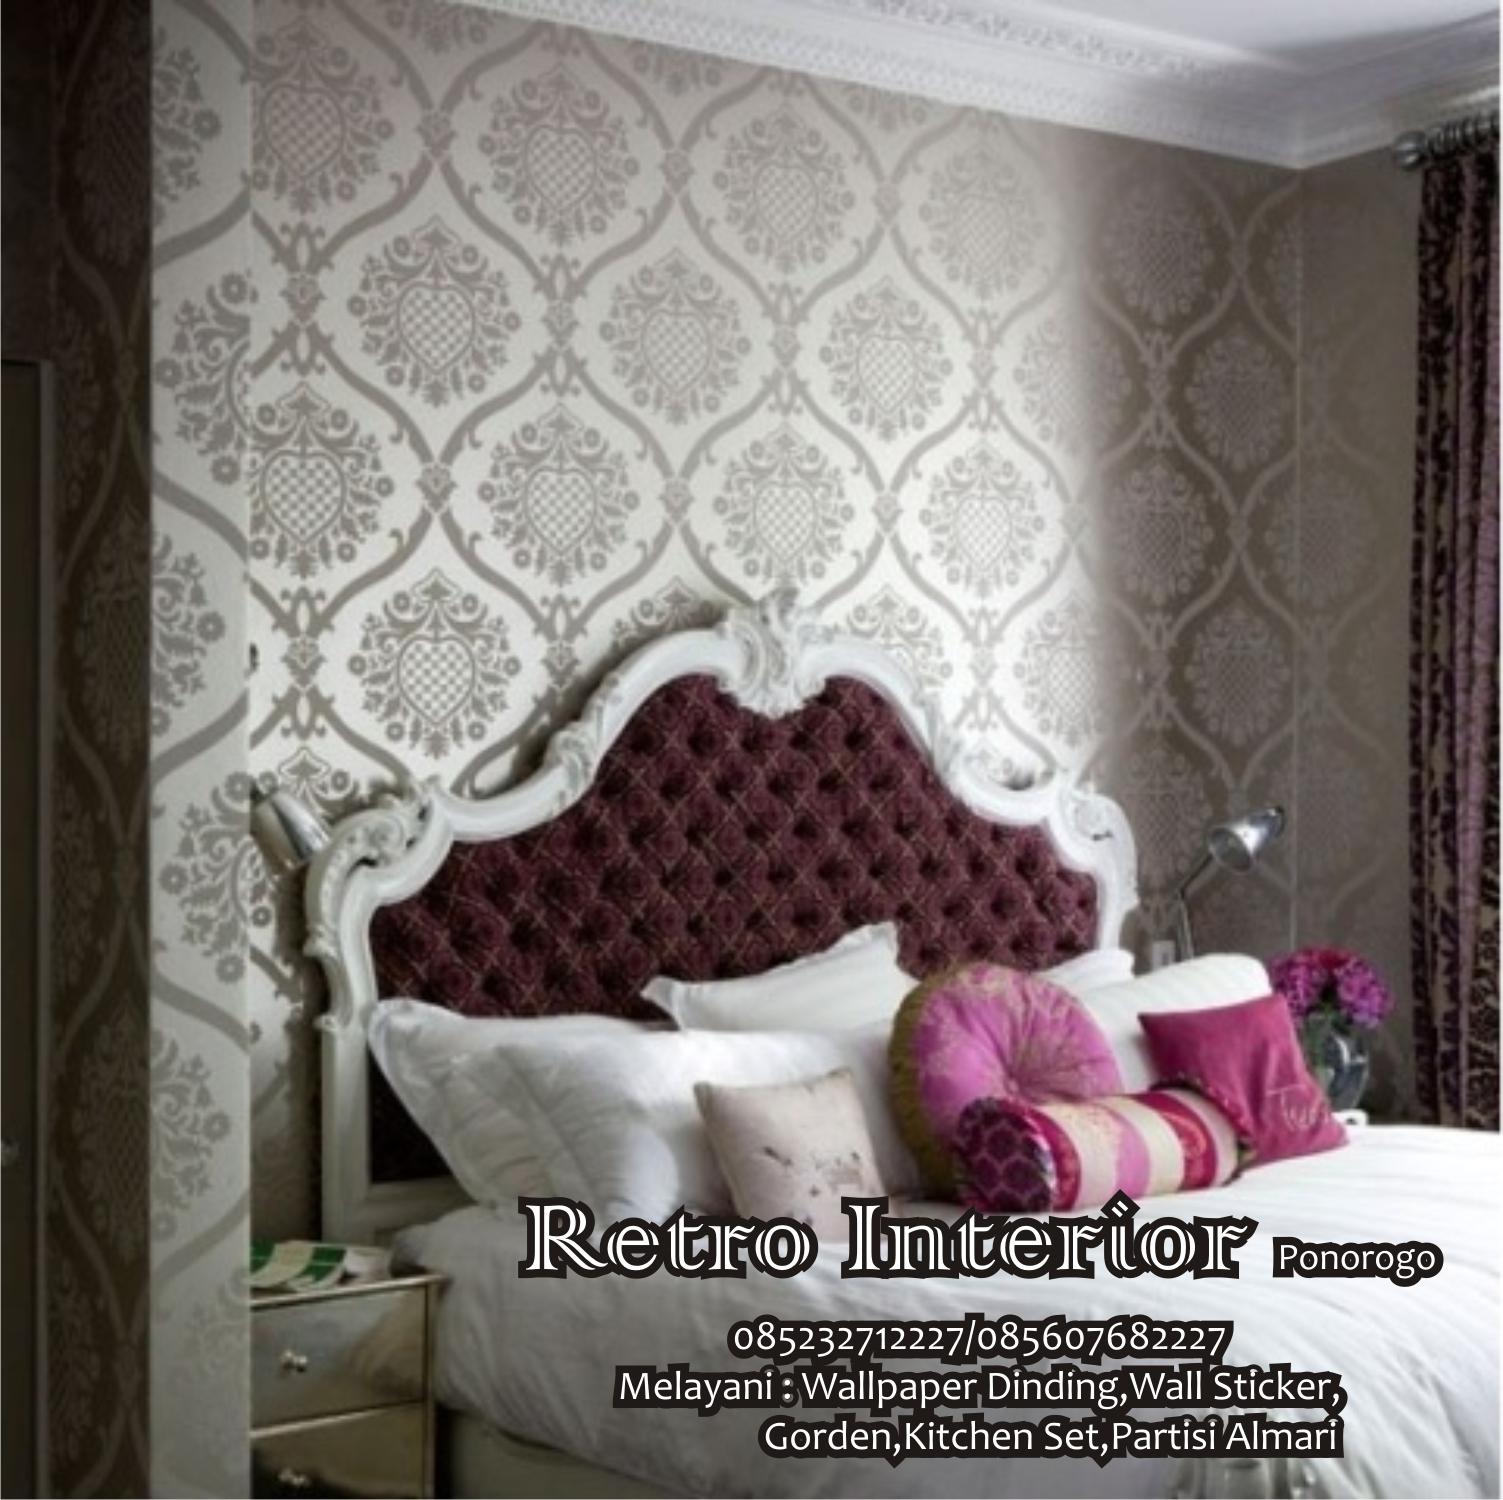 Toko Wallpaper Ponorogo 085232712227 085607682227 Wa 081335372227